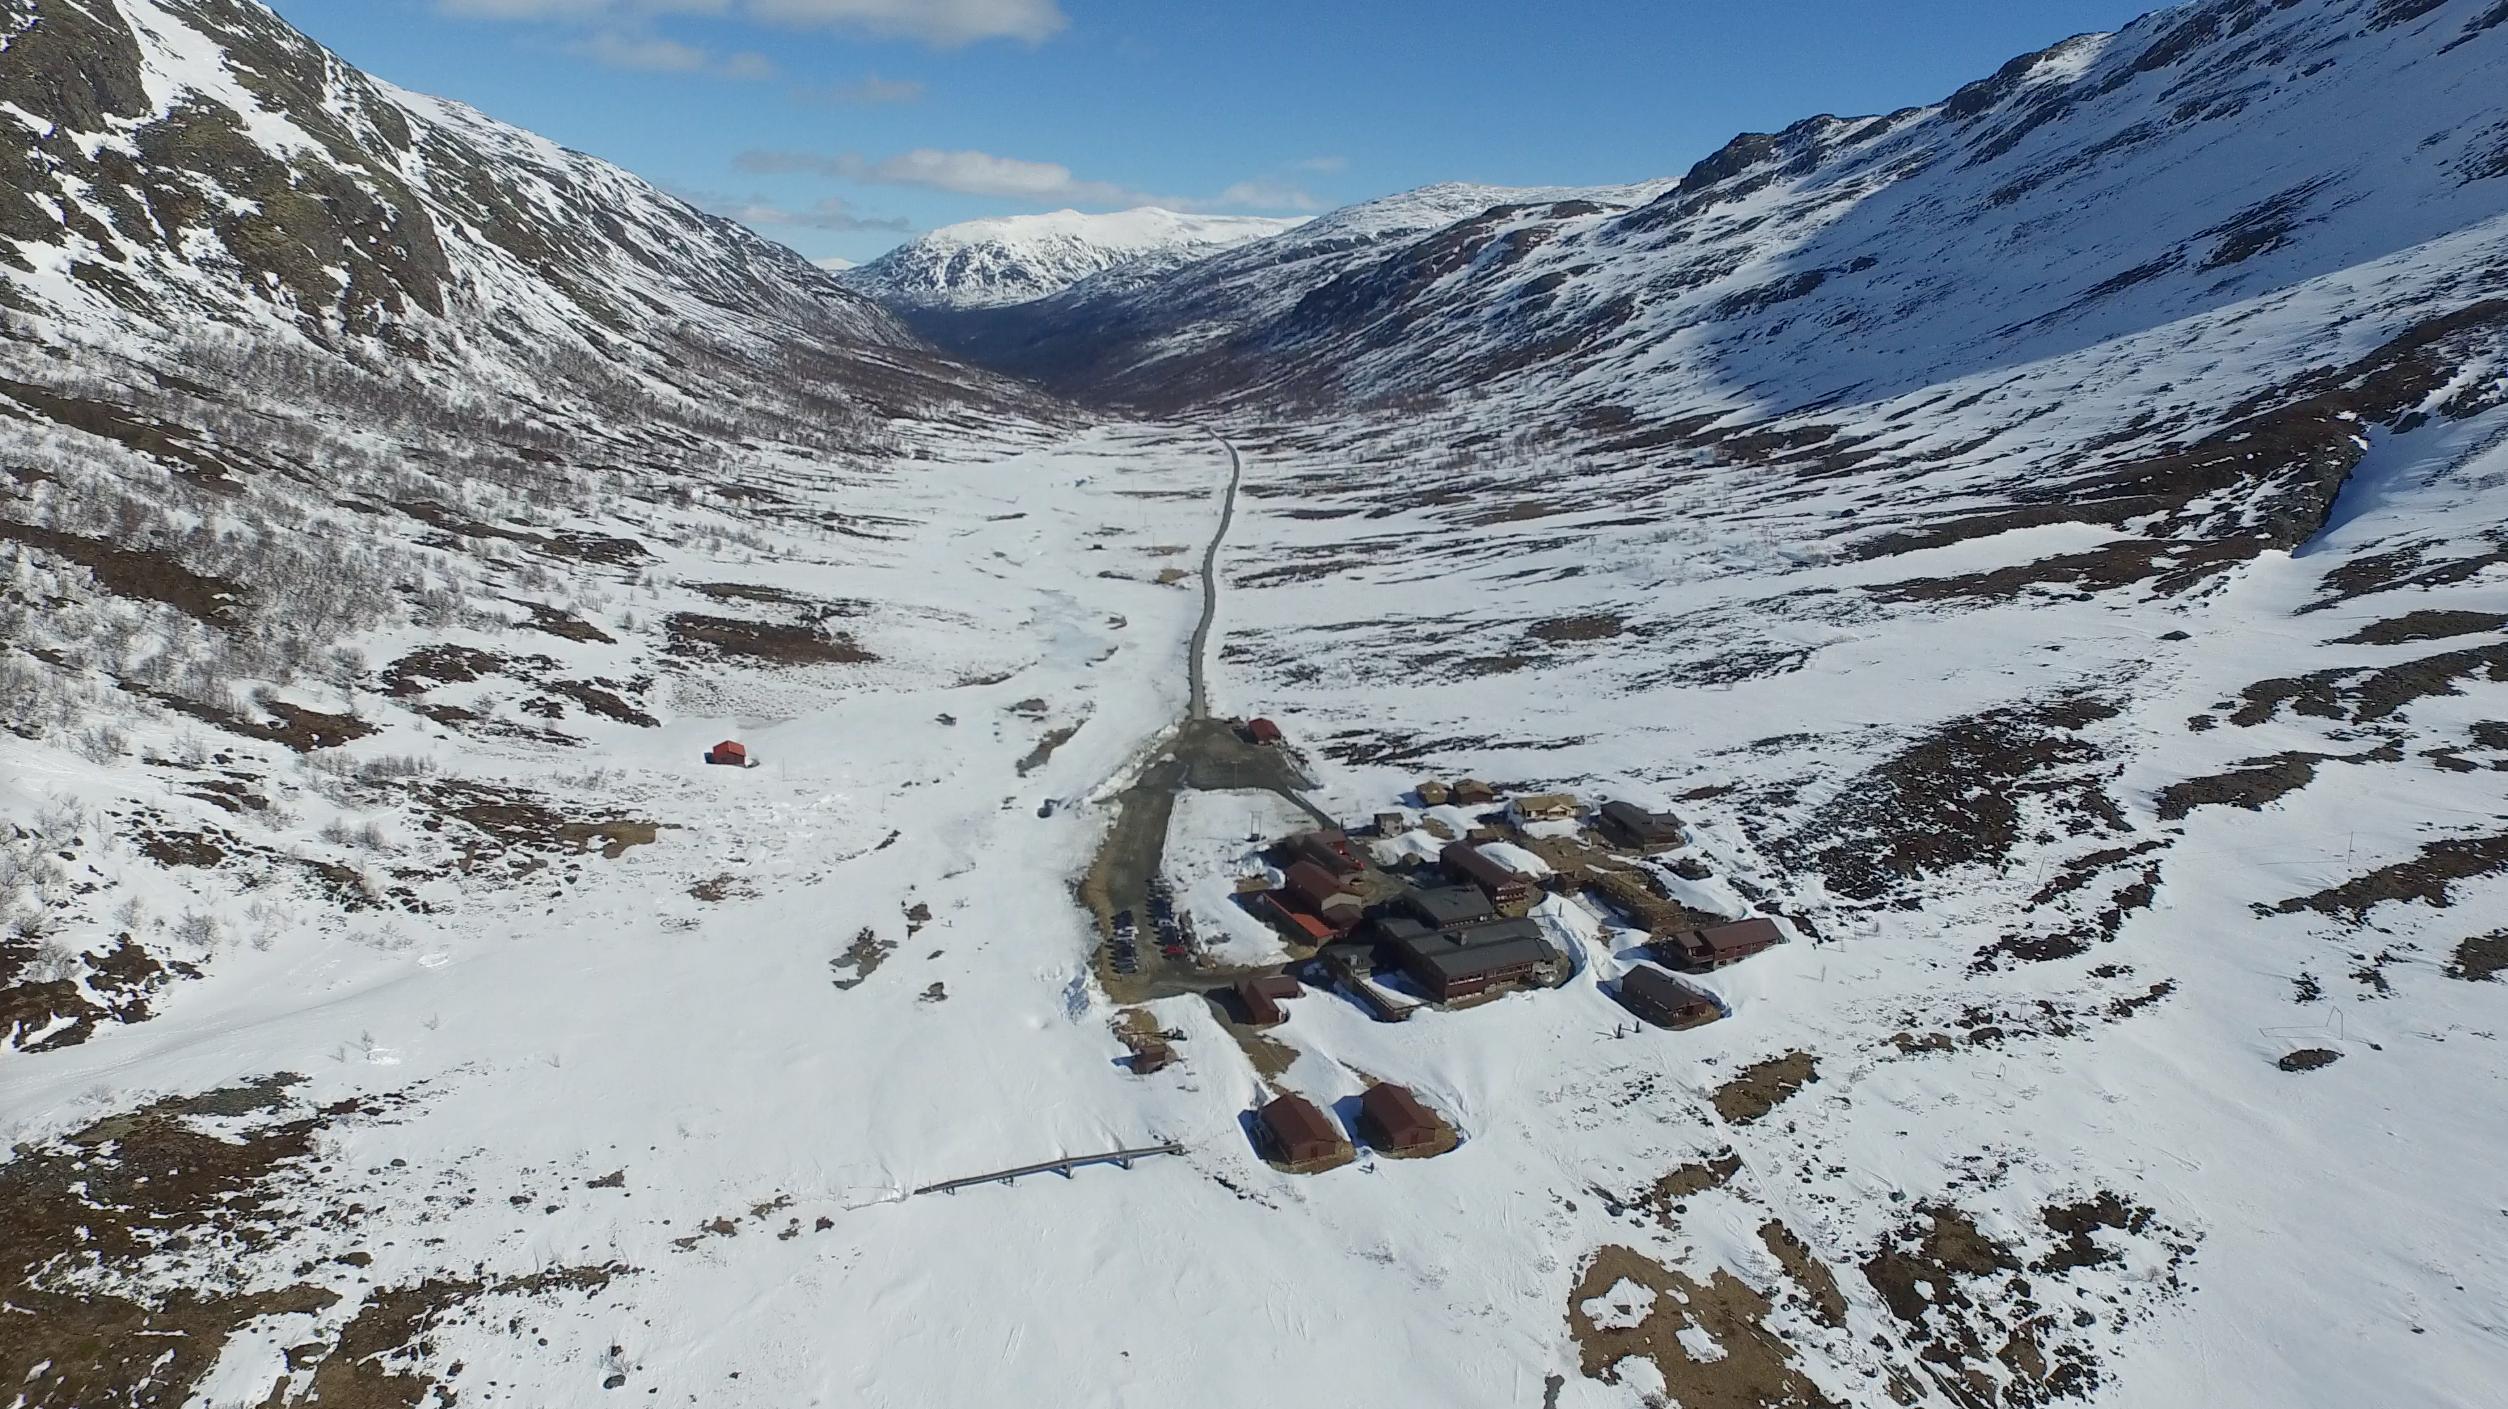 Spiterstulen i Visdalen. 17 av Norge´s 26 tinder høyere enn 2.300 moh kan bestiges på dagstur herfra.